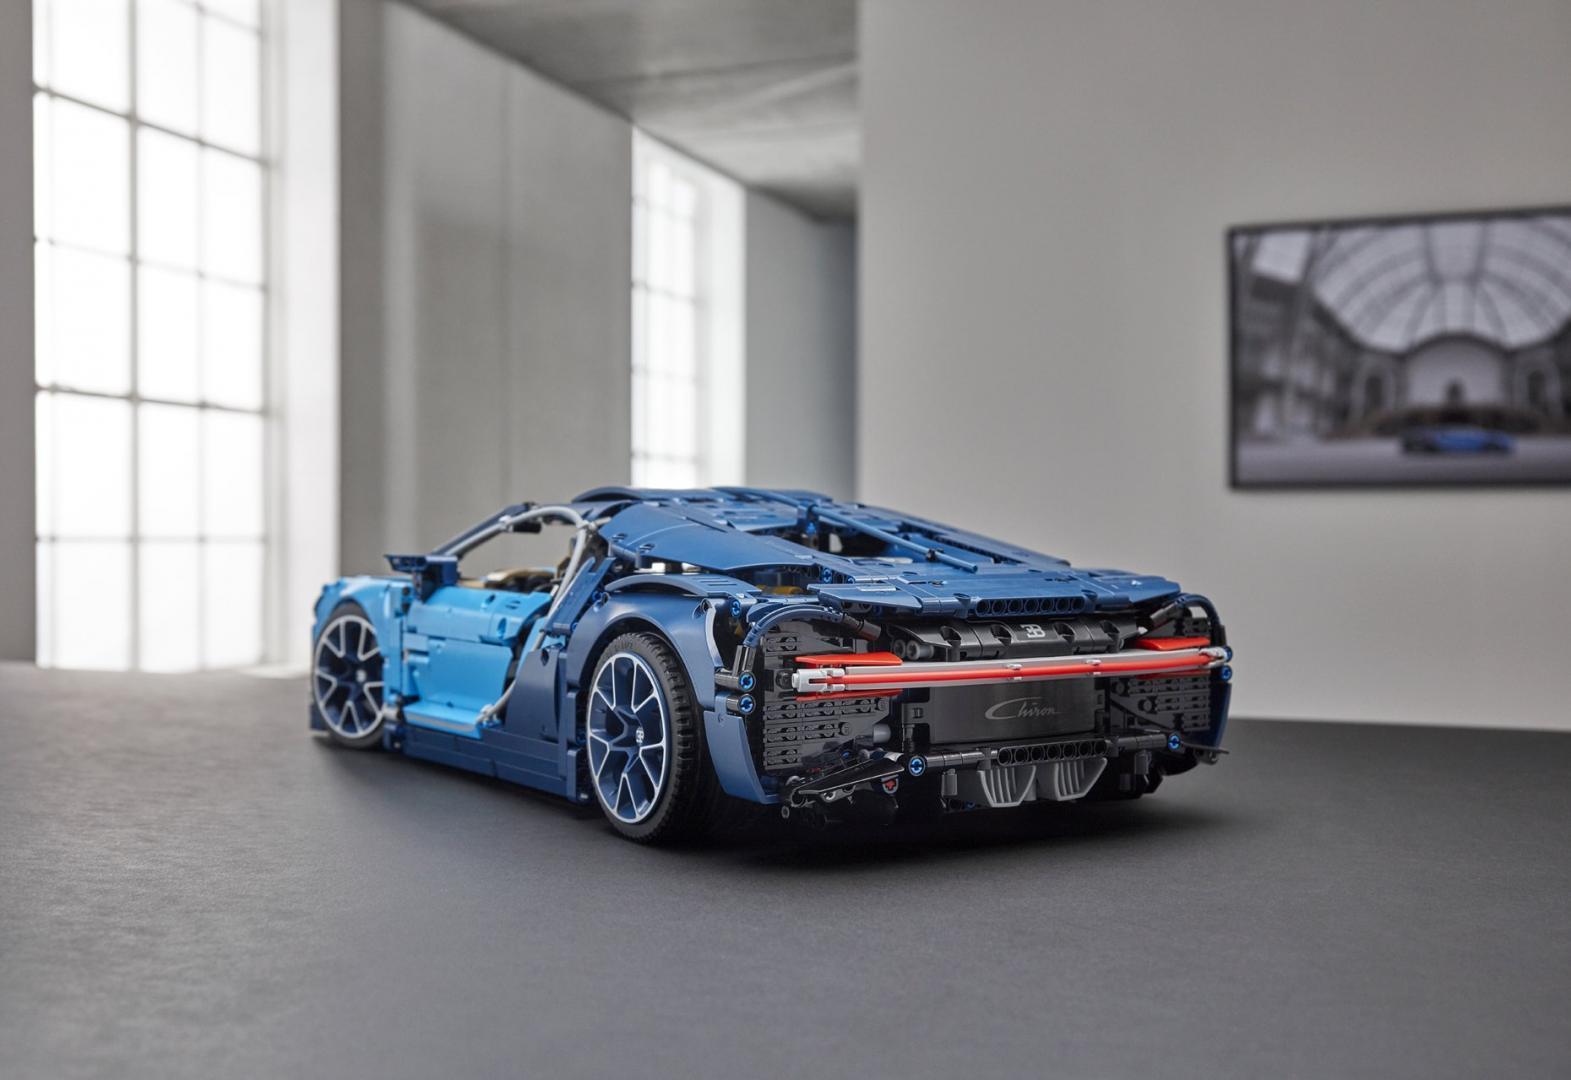 Lego Technic Bugatti Chiron Połączenie Sztuki Inżynierii I